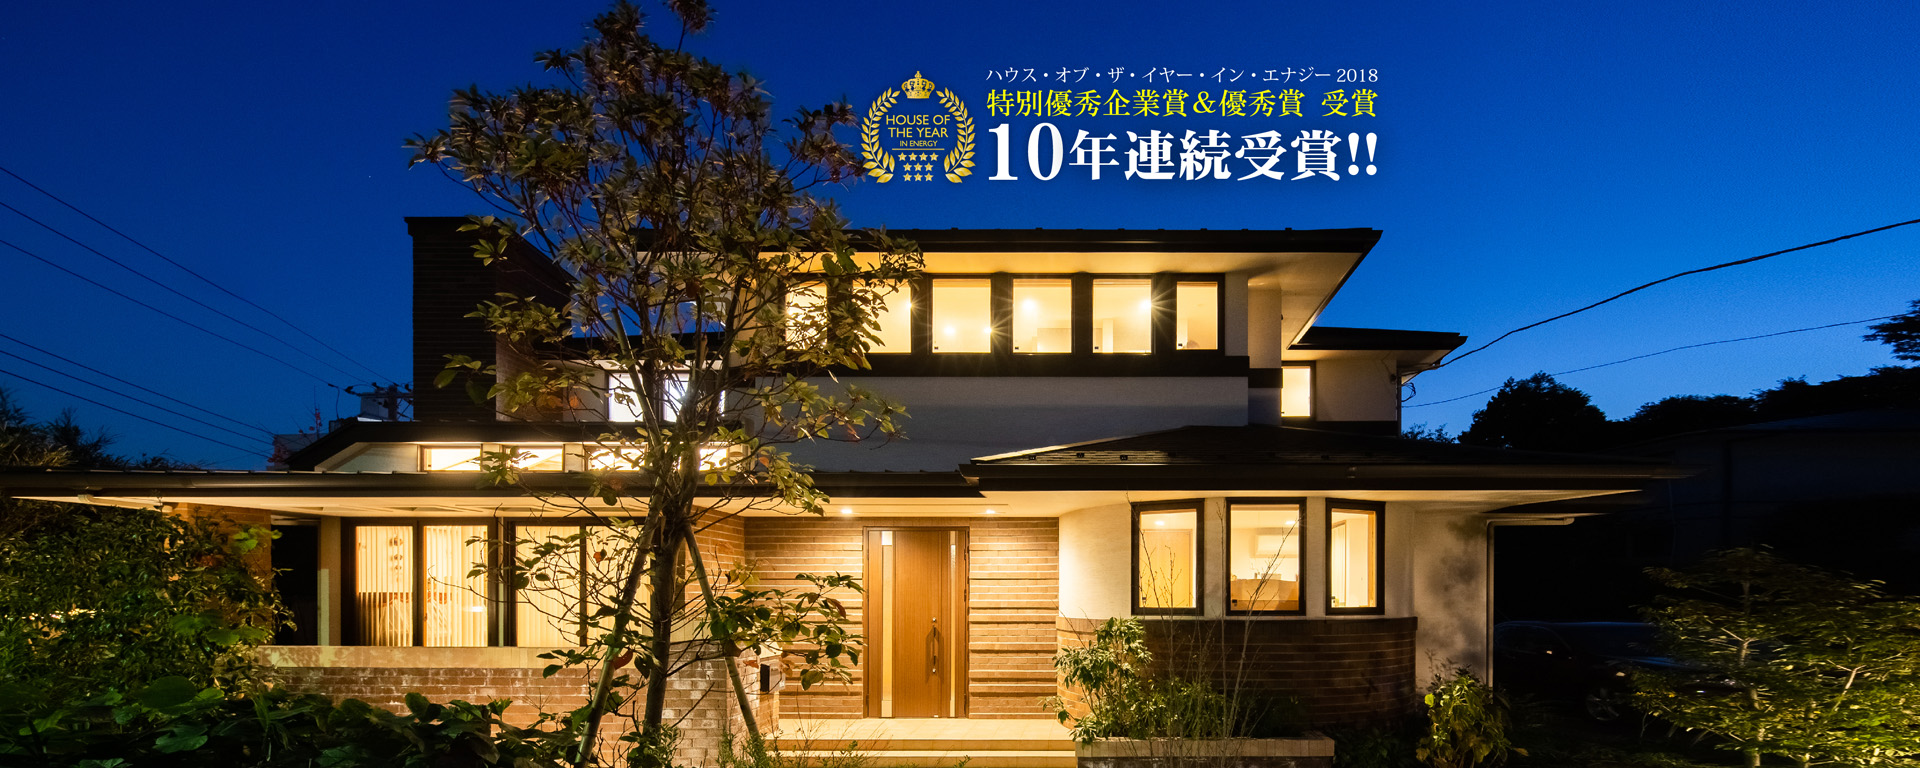 横浜市の注文住宅外観デザイン